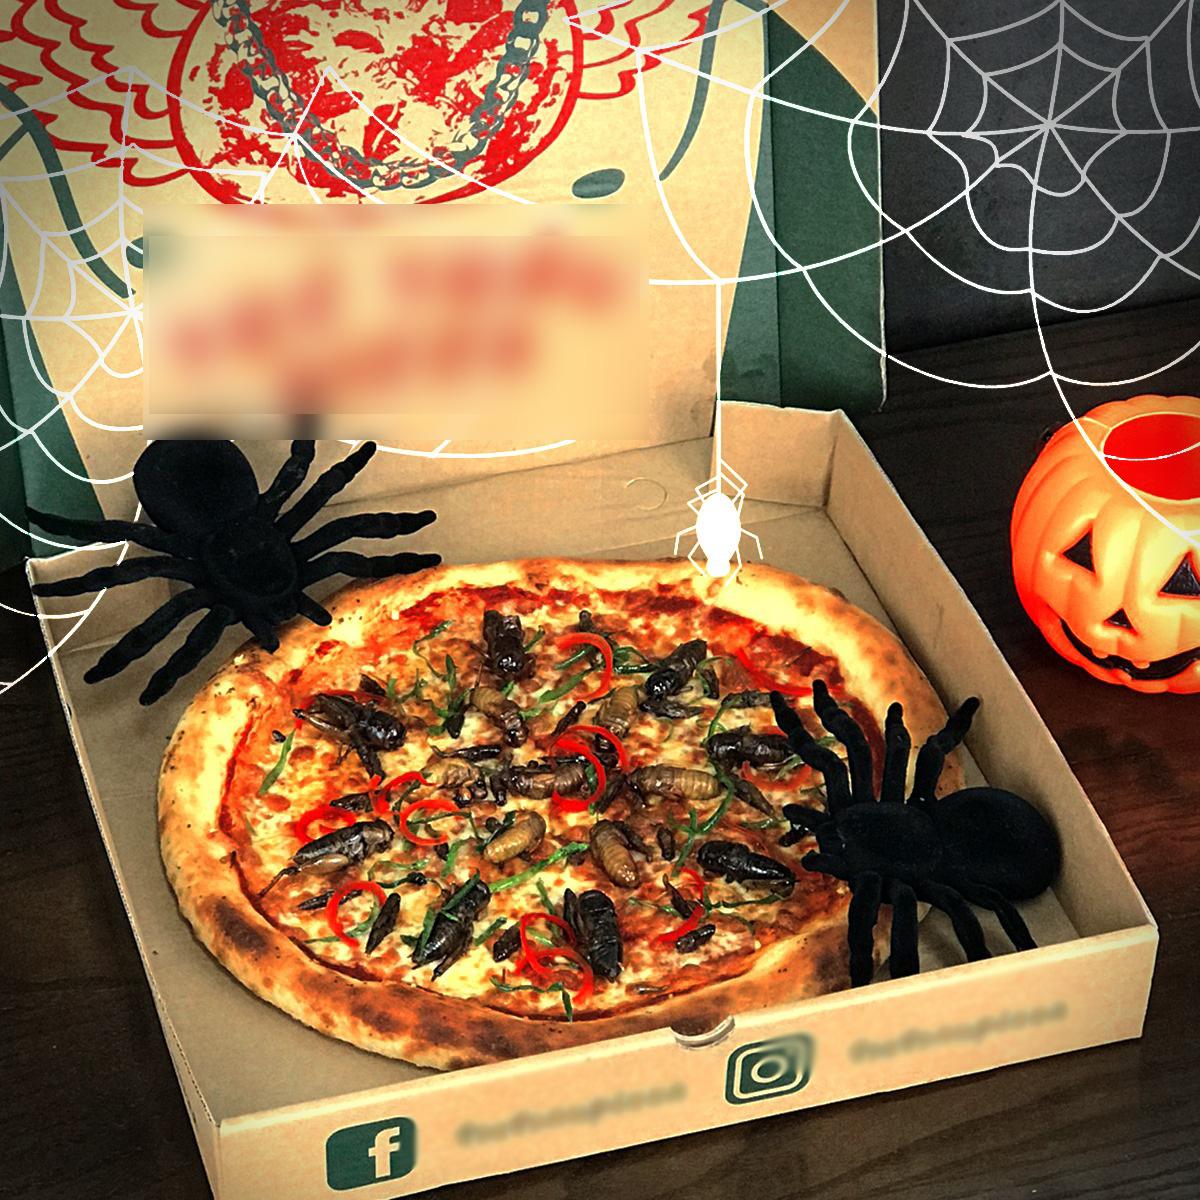 Hà Nội: Xuất hiện loại pizza có topping dế mèn, châu chấu, ve sầu khiến khách hàng yếu tim chạy... mất dép - Ảnh 2